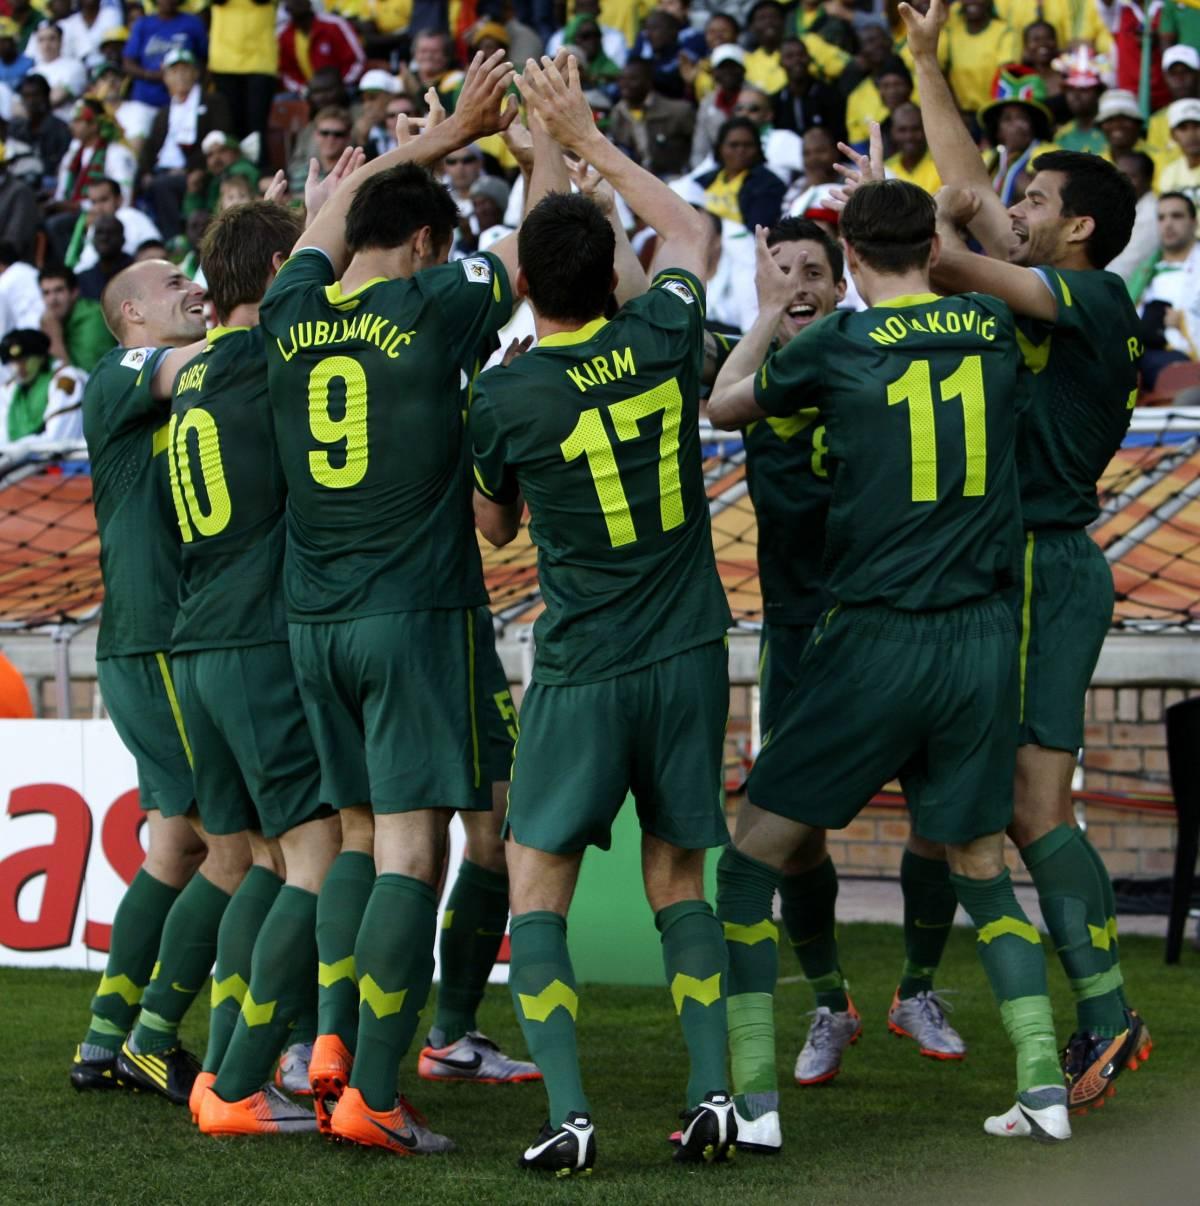 Una superpapera del portiere algerino  la Slovenia vince 1 a 0 e dice grazie